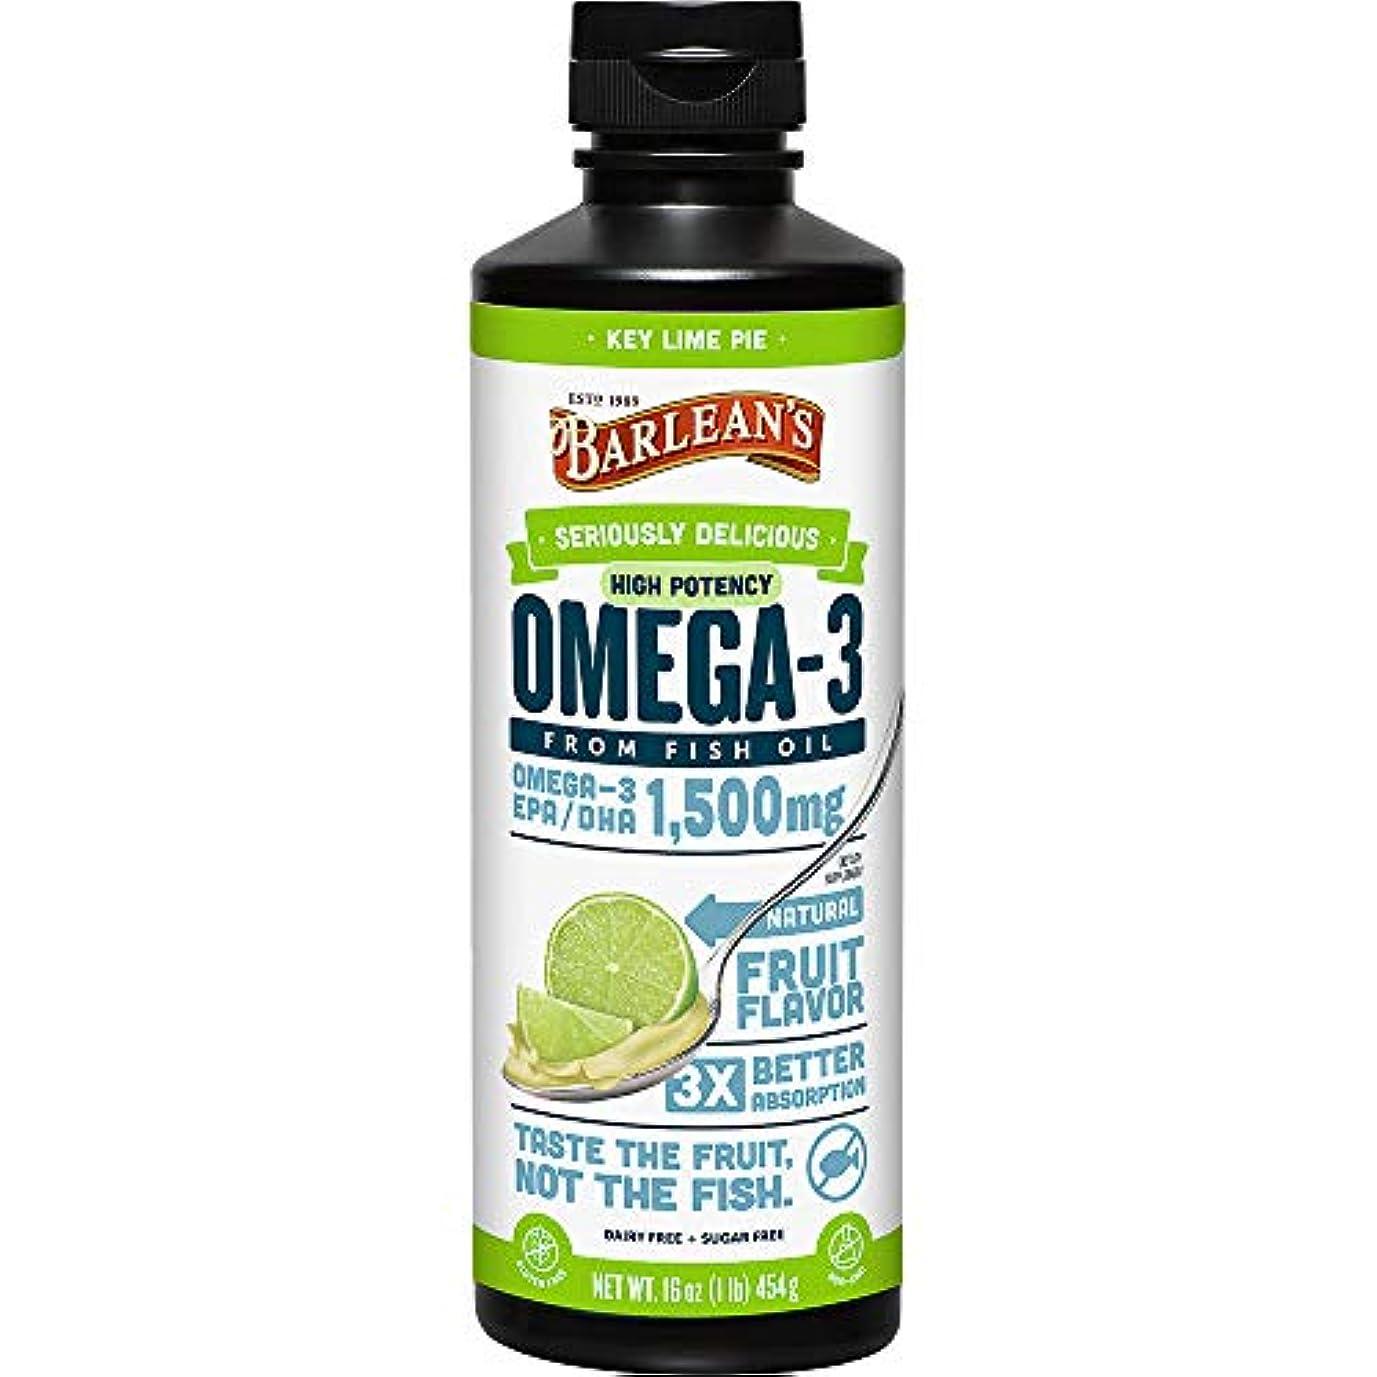 天気スナック敬意を表してBarlean's - Omegaの渦巻の魚オイルの超高い潜在的能力Key石灰 1500 mg。16ポンド